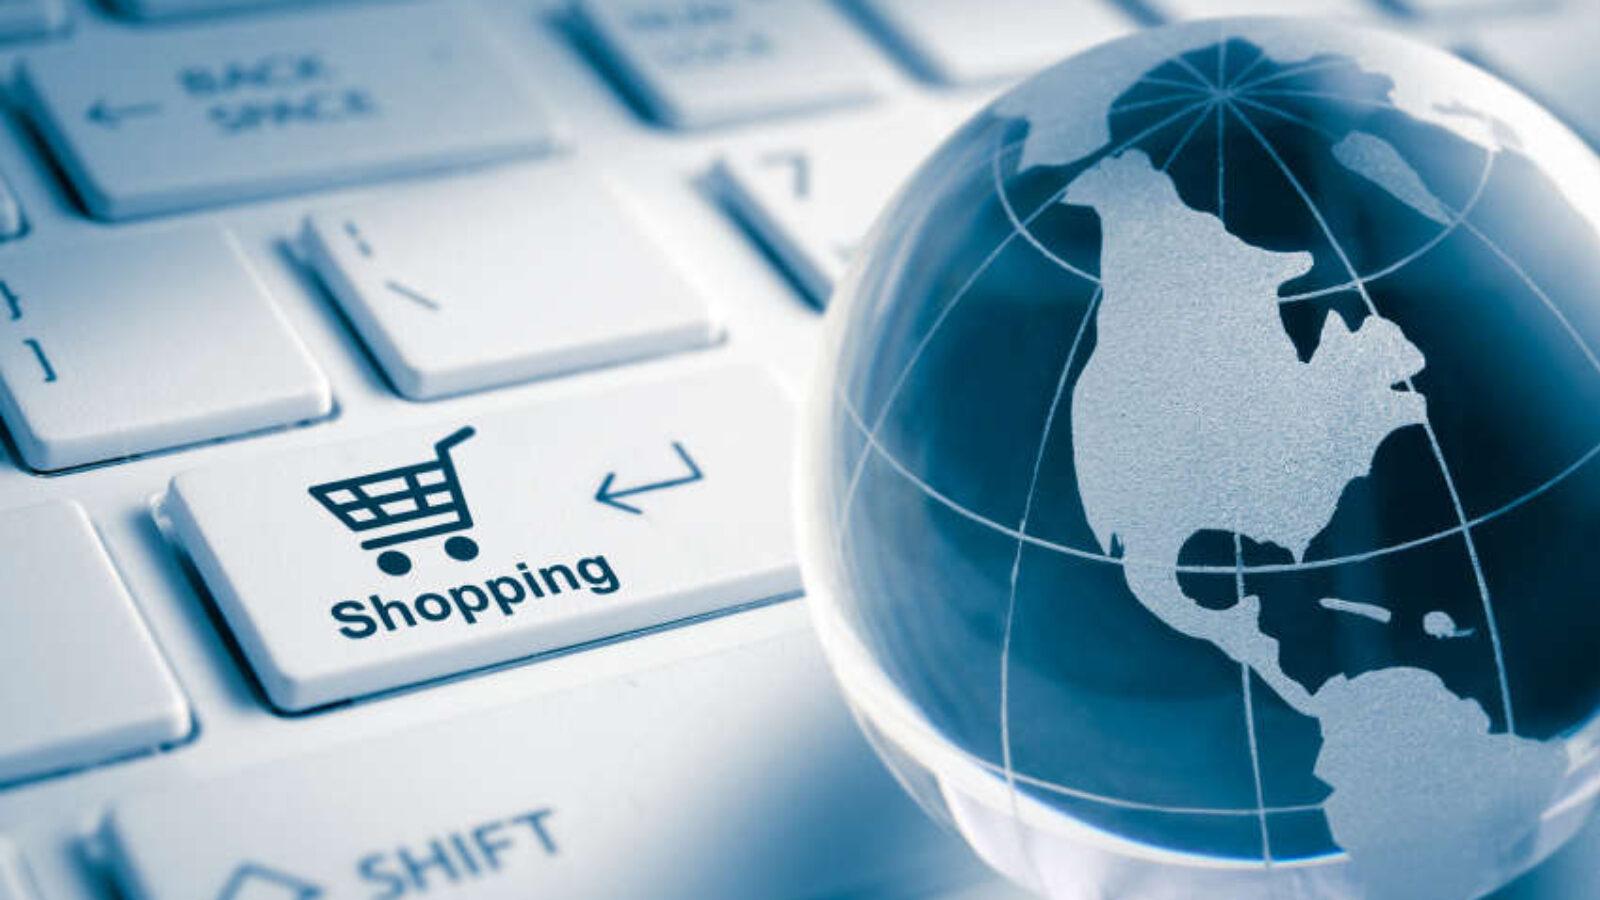 Online oder stationär? Einkaufen im Jahr 2015